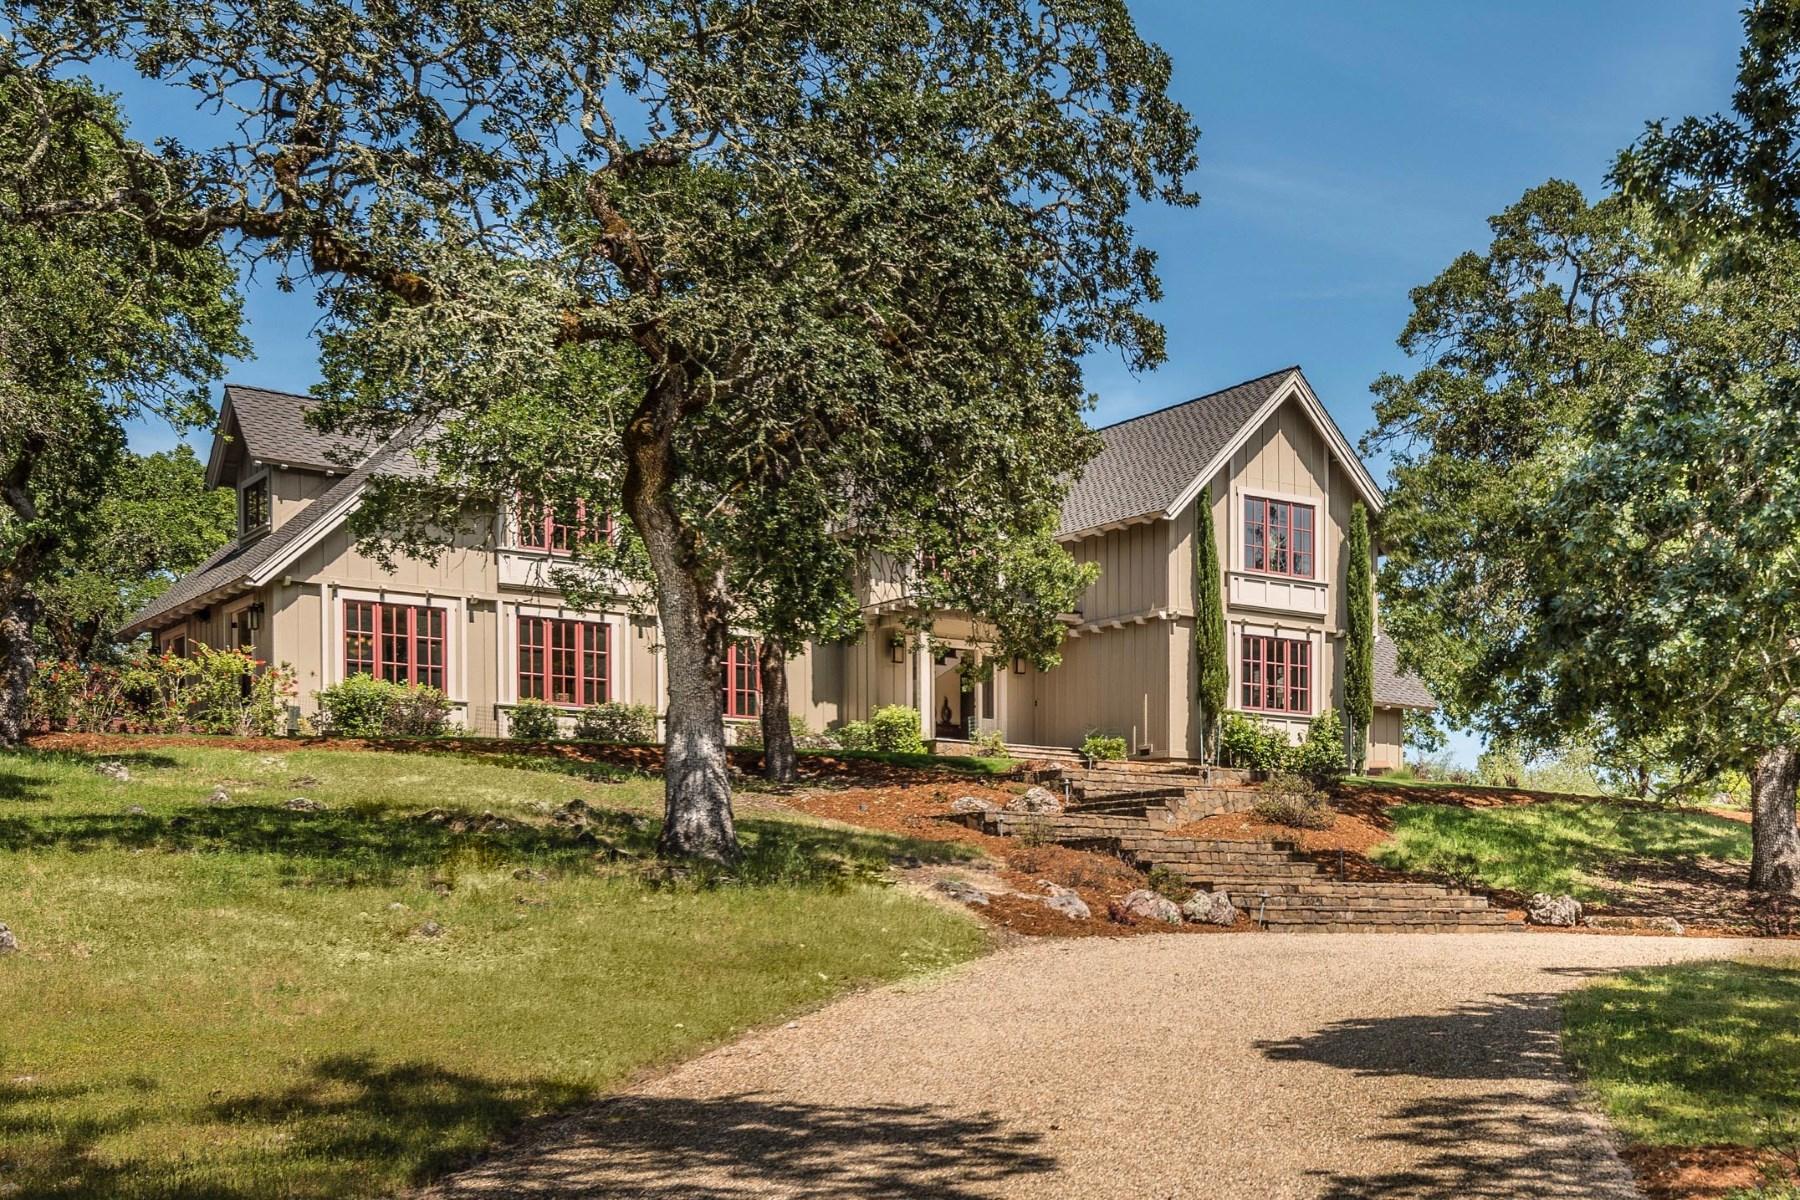 独户住宅 为 销售 在 Exquisite Custom Craftsman 1230 White Oak Dr 圣罗莎, 加利福尼亚州, 95409 美国